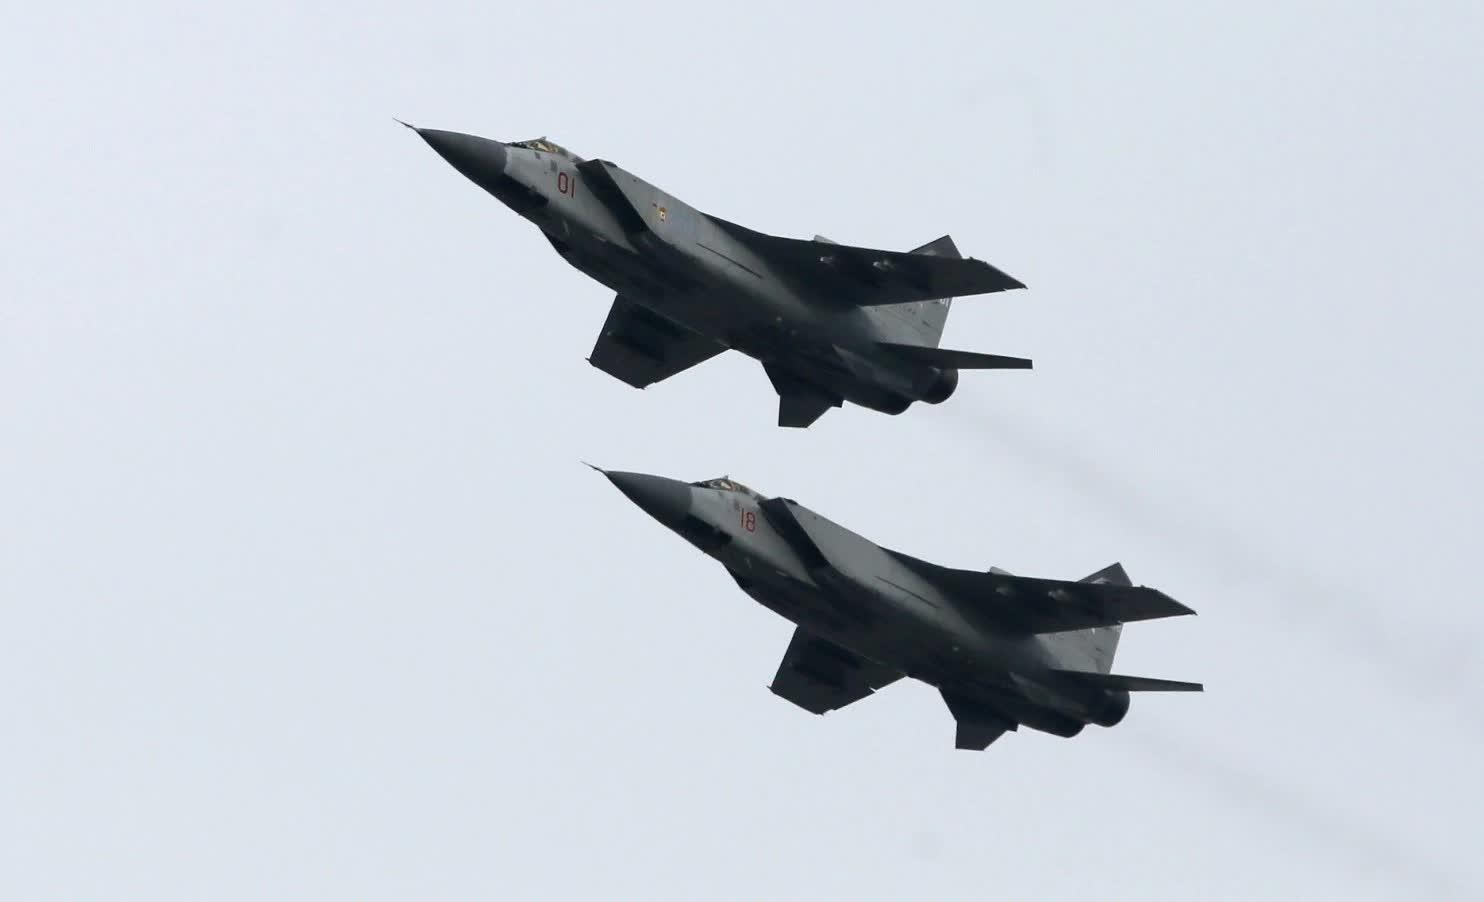 Máy bay MiG-31 của Nga bay quanh khu vực châu Âu hôm 28 và 29-10. Ảnh: Reuters